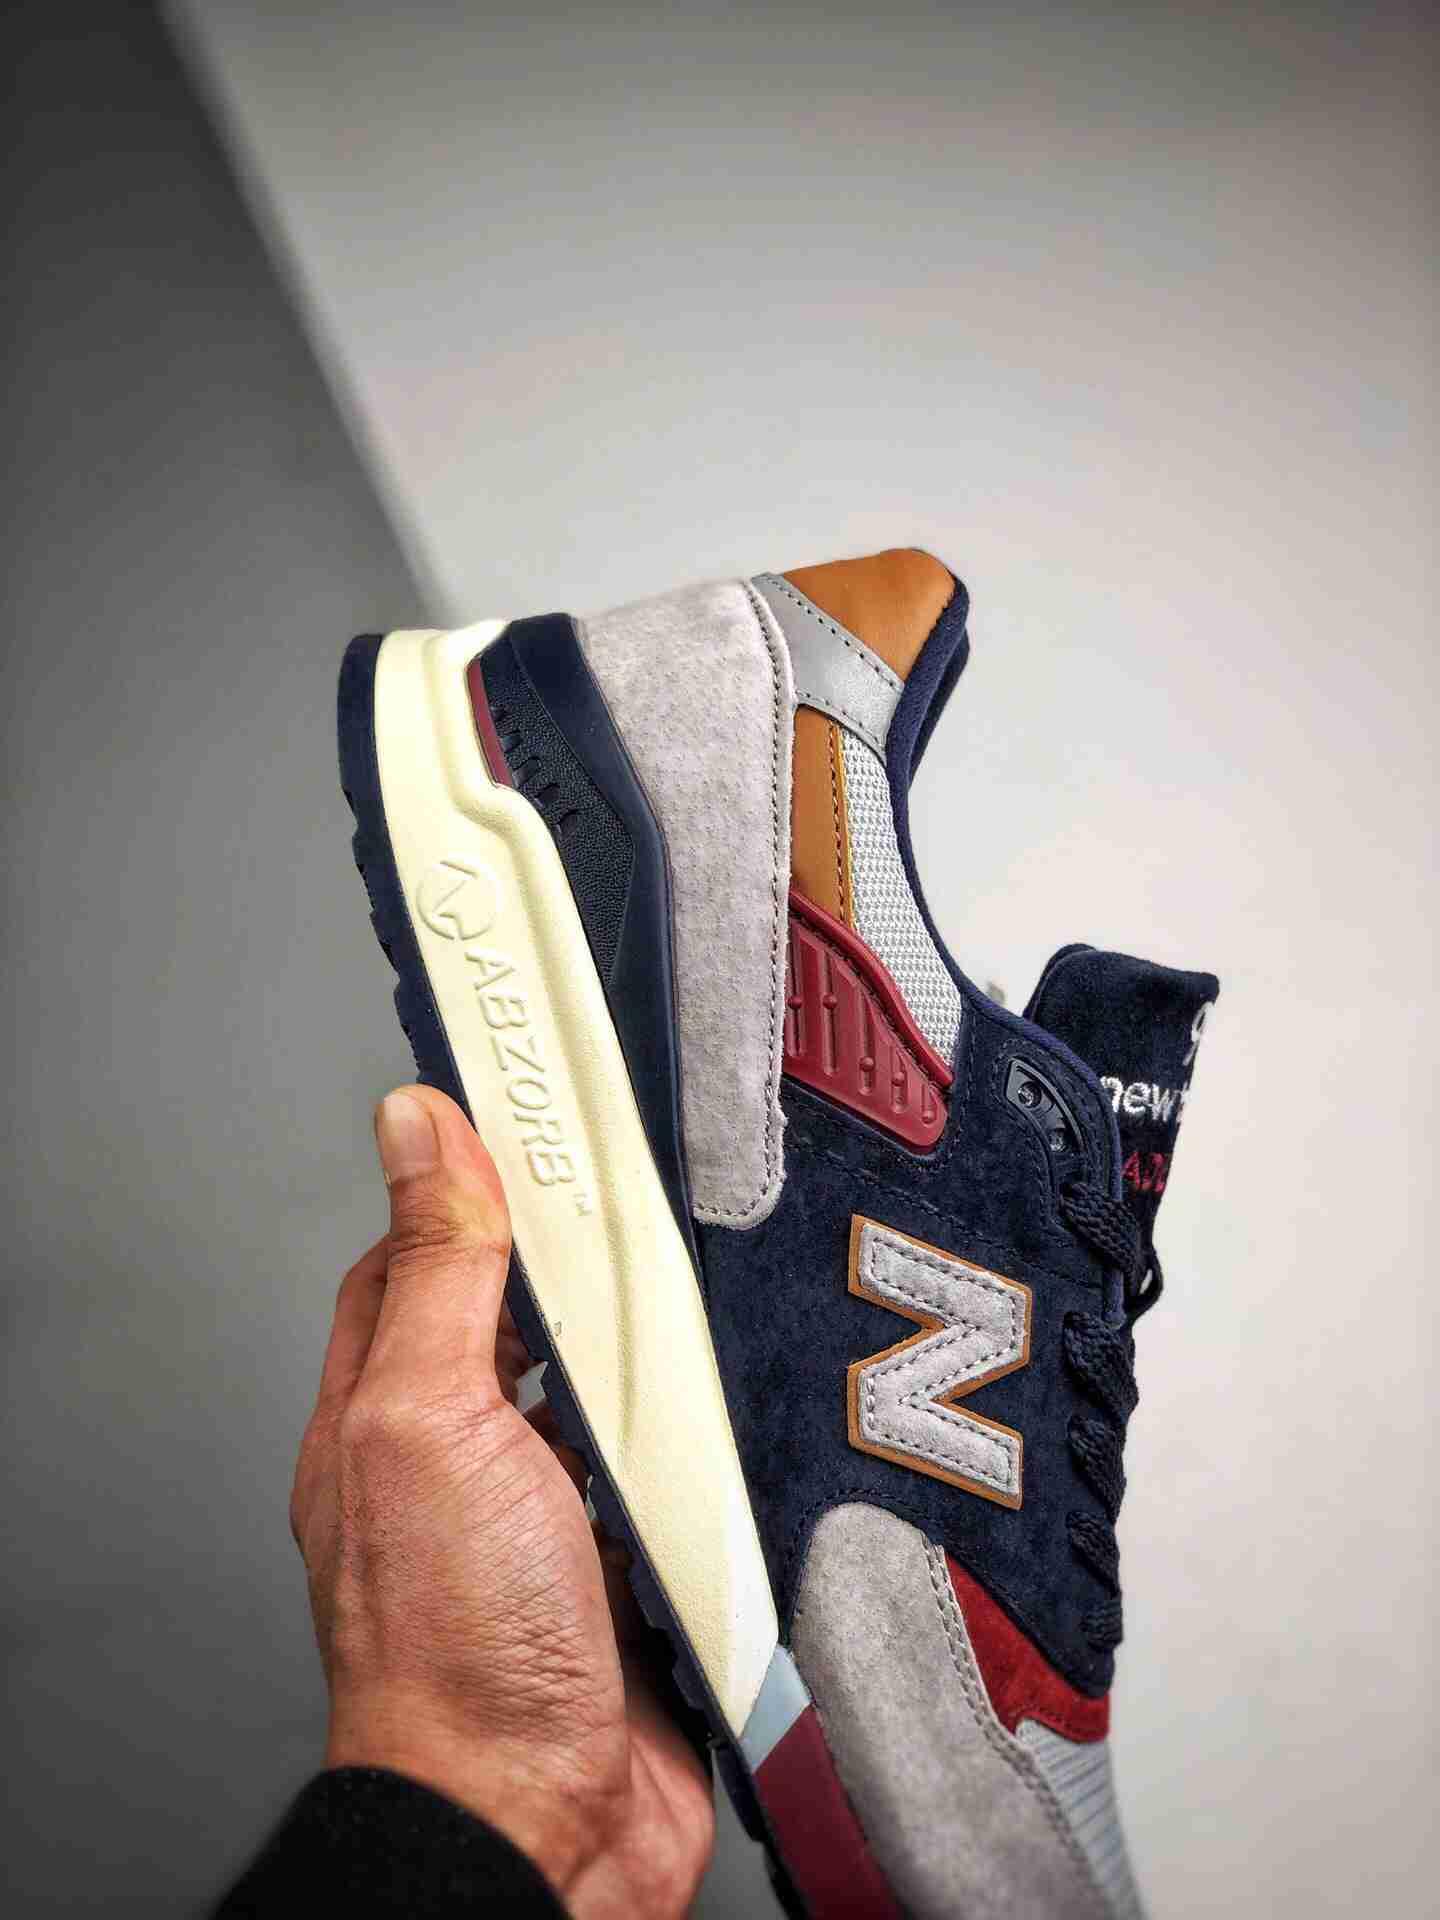 New Balance 998 新百伦 3M反光复古慢跑鞋